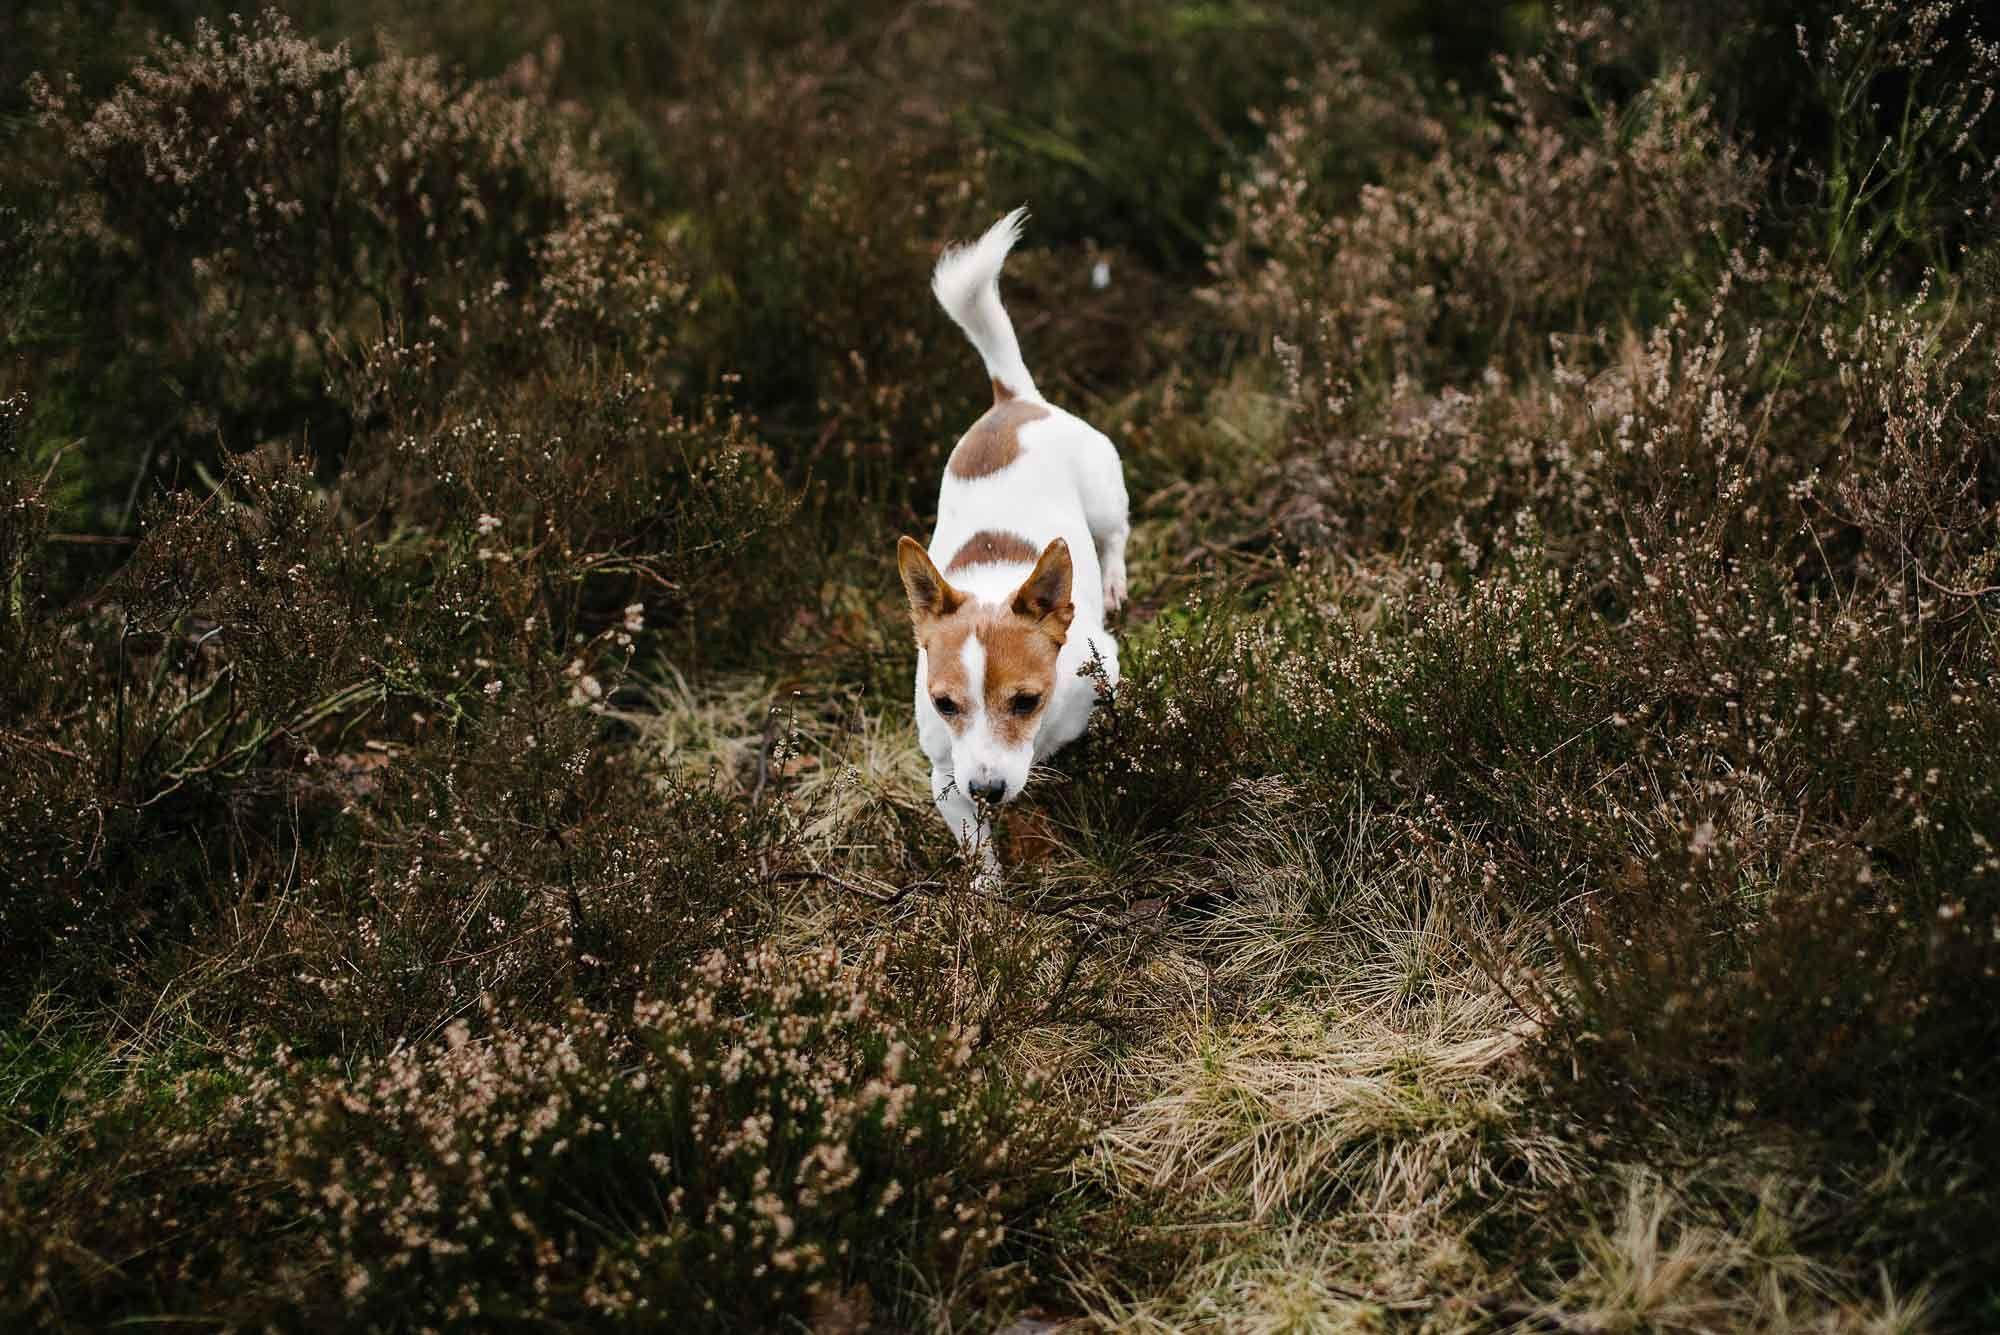 fotoshoot met hond